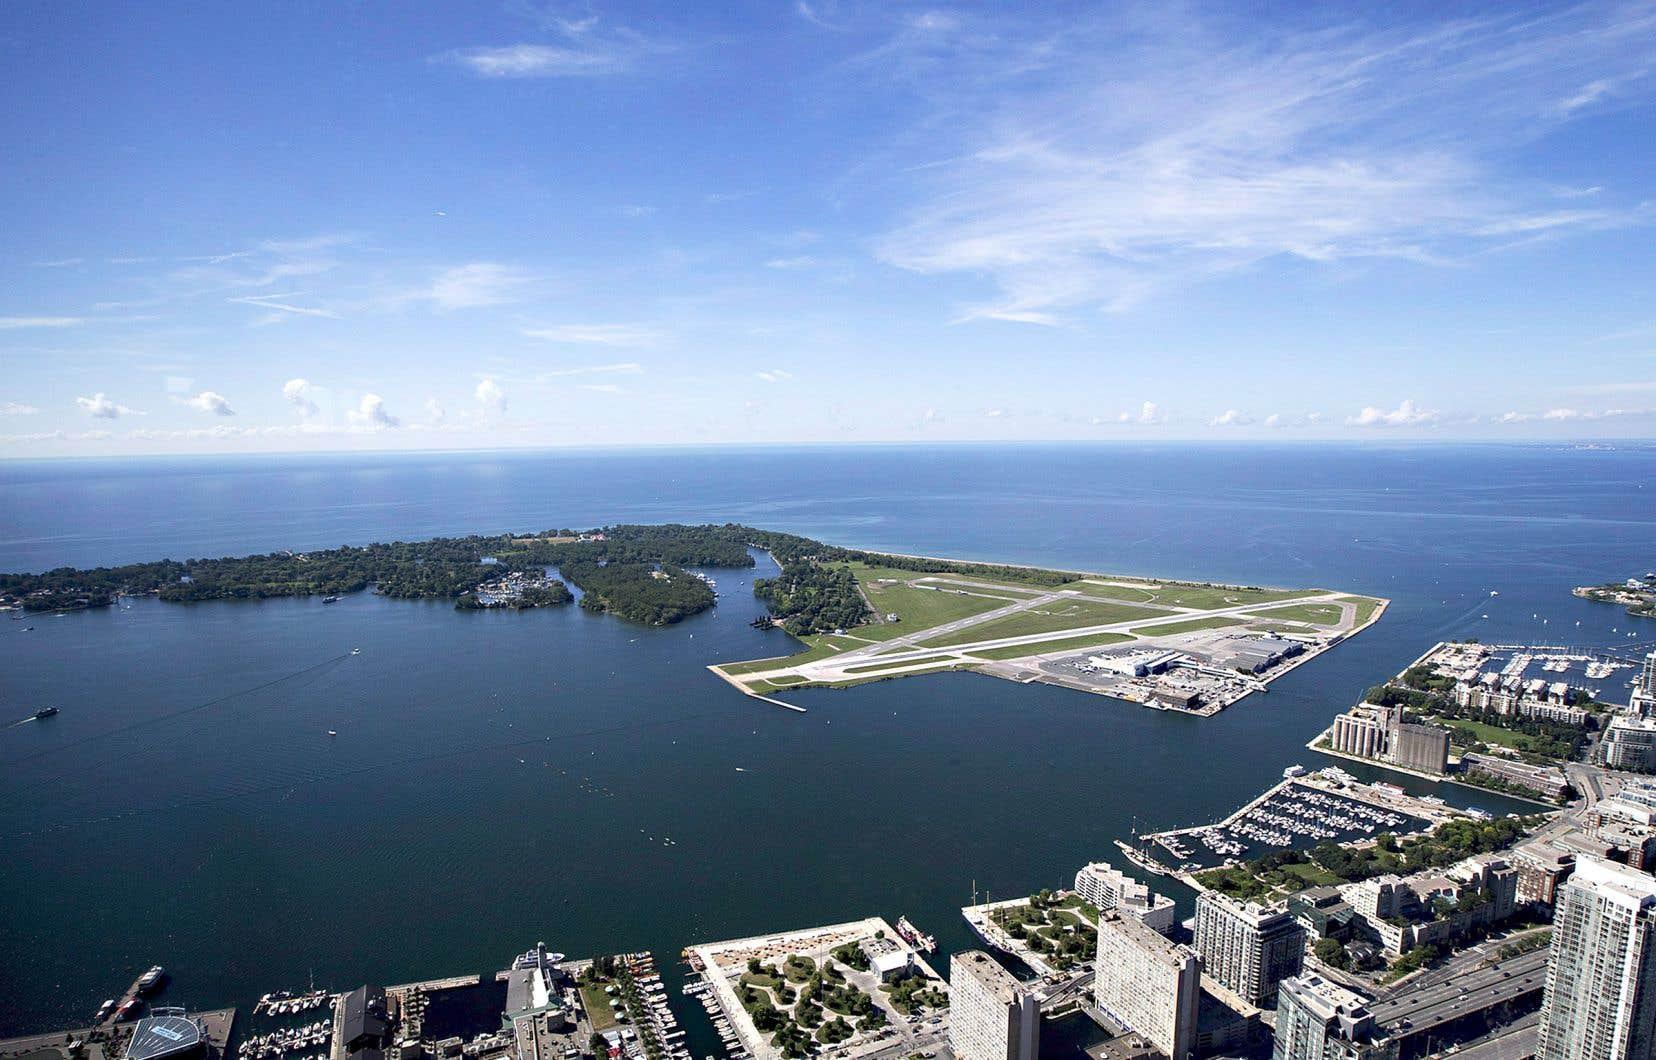 L'aéroport Billy-Bishop a eu à s'adapter aux demandes de ses voisins. «Les avions à réaction ne volent pas [au centre-ville de Toronto] en raison des plaintes pour le bruit», explique l'urbaniste Antonio Gómez-Palacio, associé au cabinet torontois Dialog. Le bon voisinage a aussi eu raison du plan d'allongement de la piste d'atterrissage proposé par Porter Airlines en 2013.